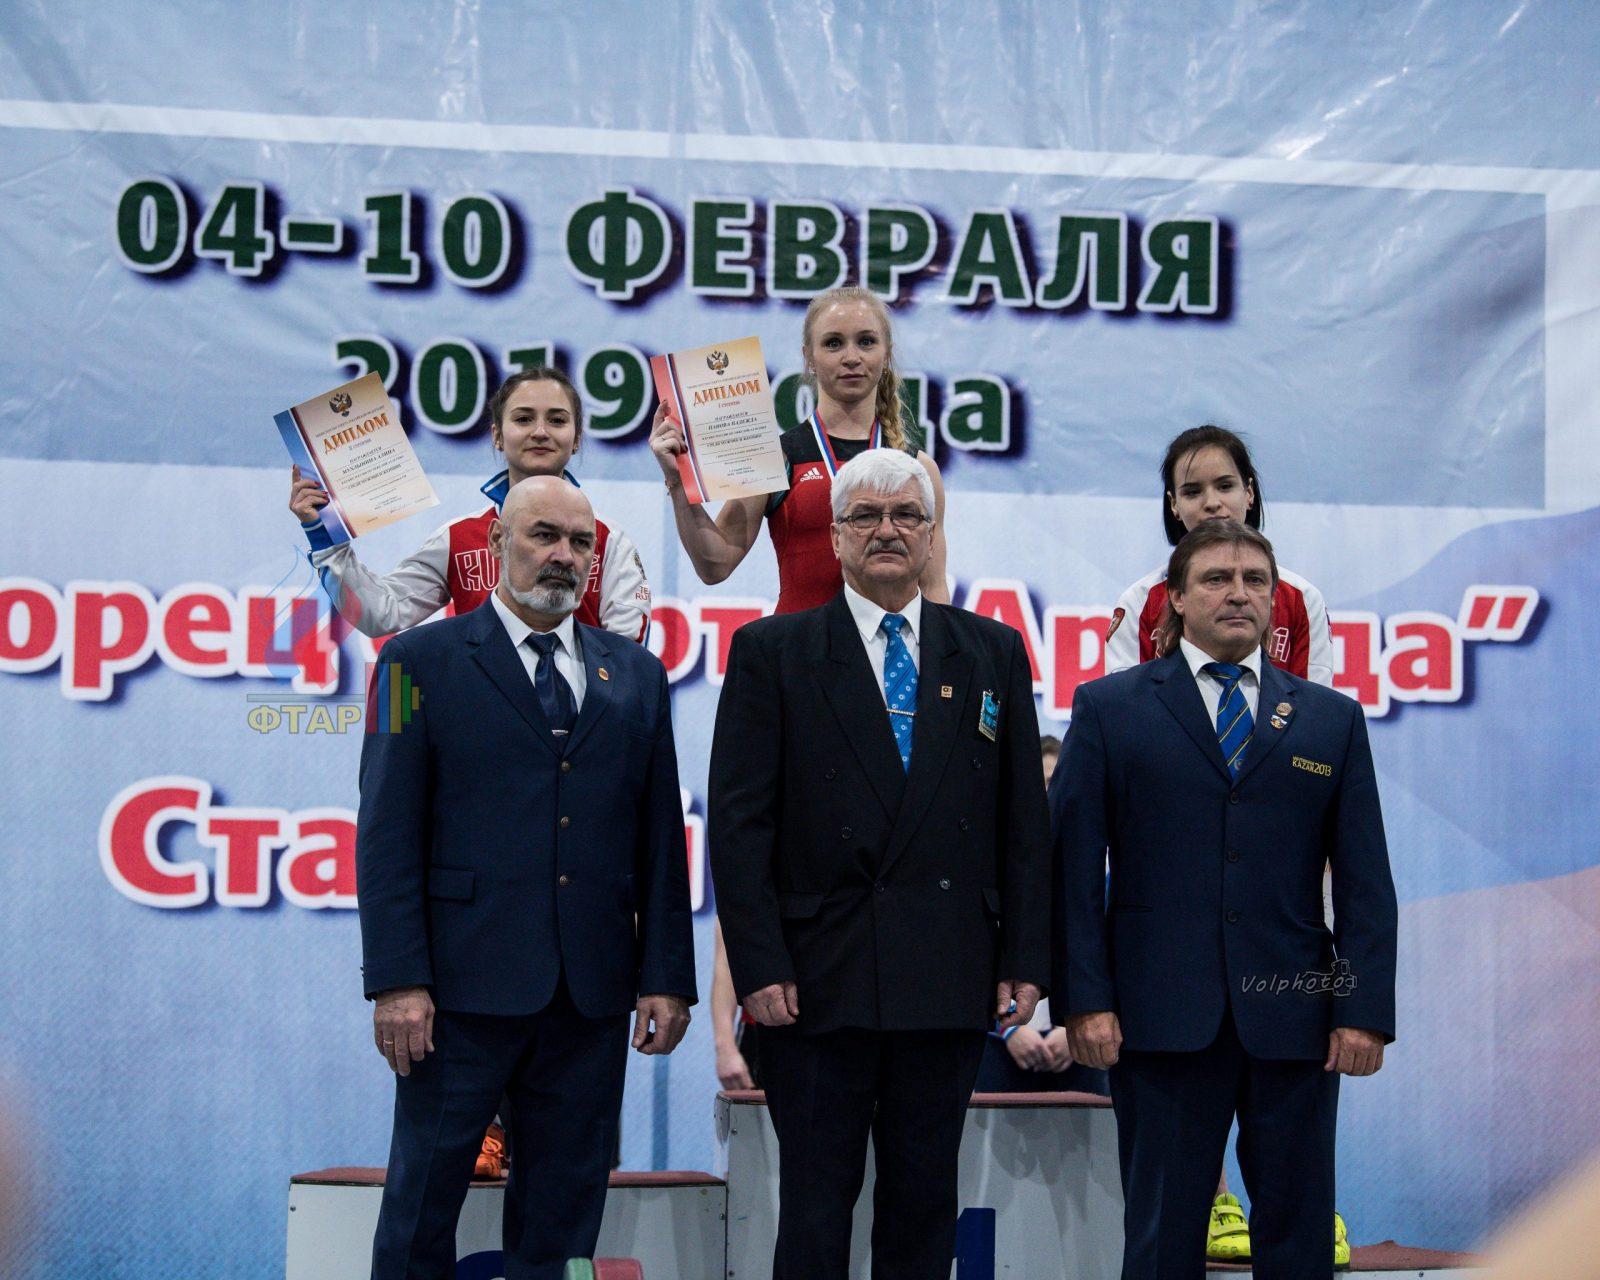 Кубок России по тяжелой атлетике 2019. Награждение: женщины, весовая категория 45 кг и 49 кг